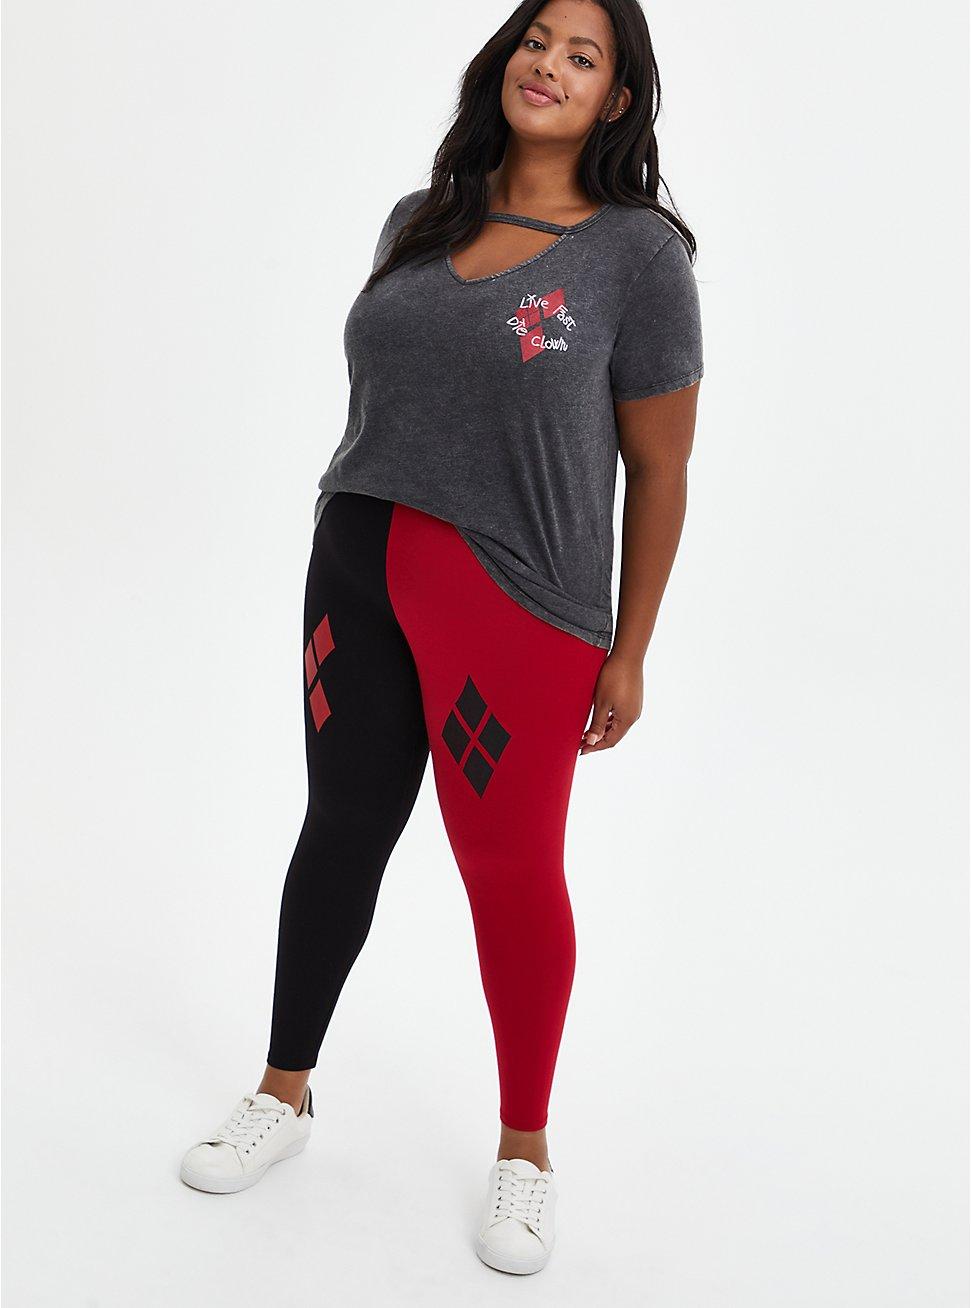 DC Comics Suicide Squad Red & Black Diamond Legging, BLACK  RED, hi-res